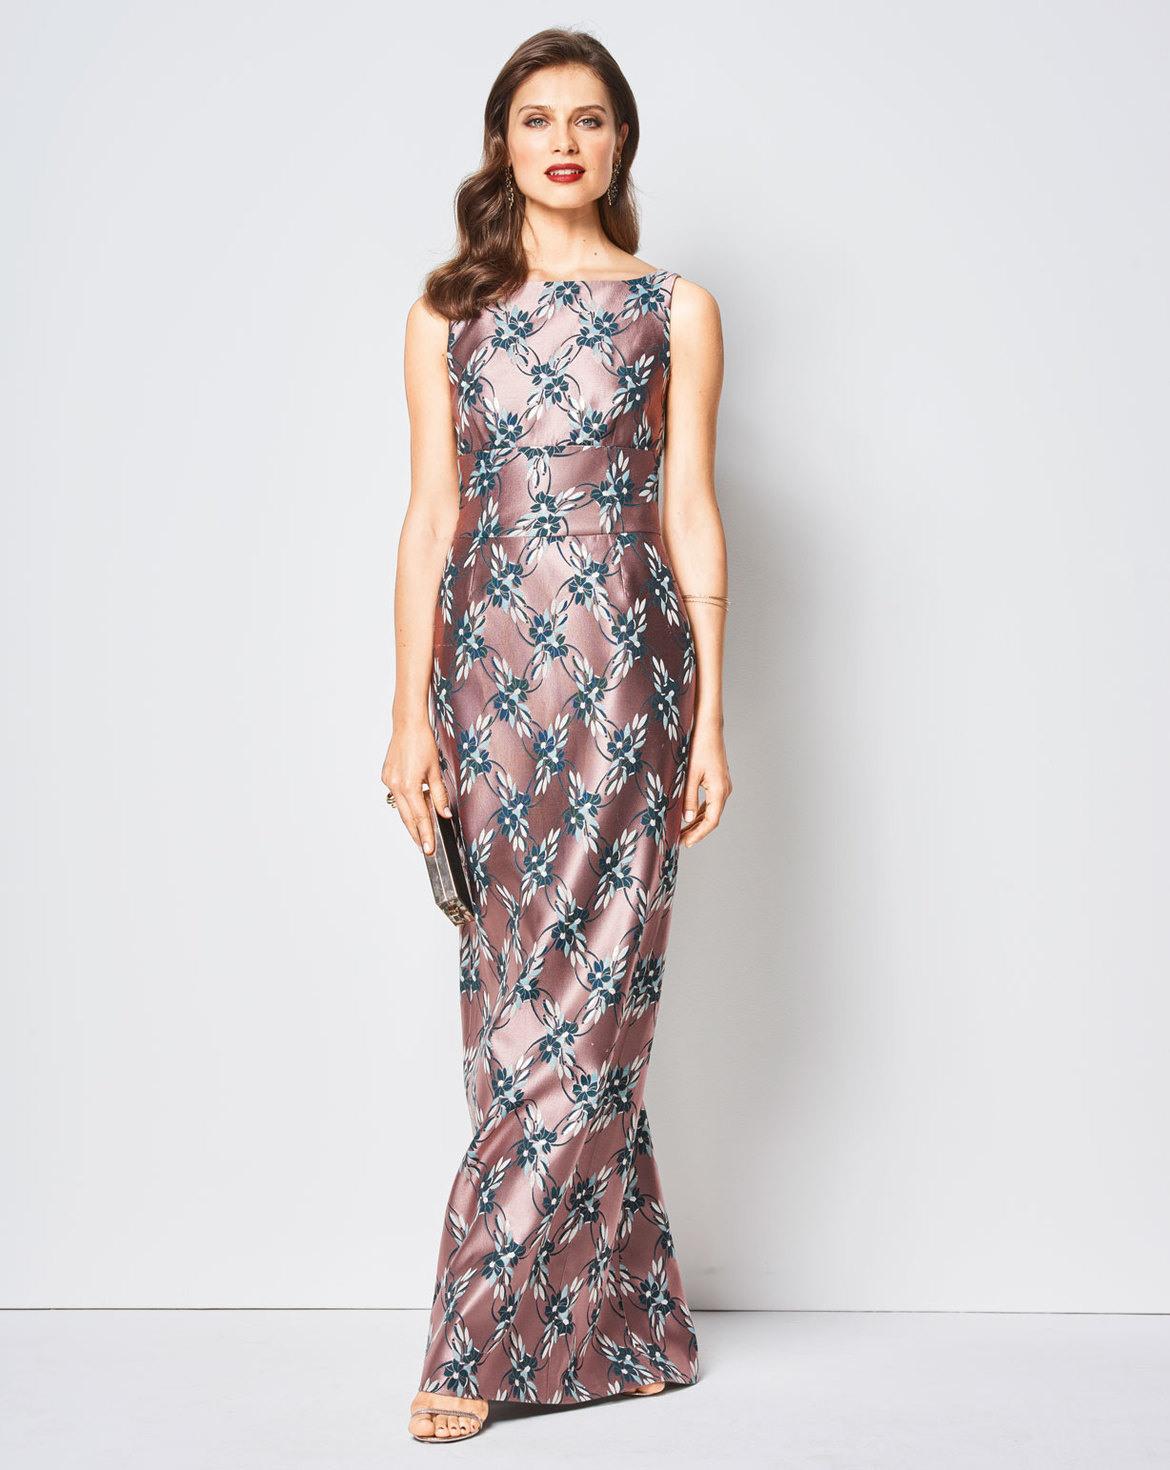 17 Coolste Abendkleid Selber Nähen VertriebAbend Spektakulär Abendkleid Selber Nähen Design